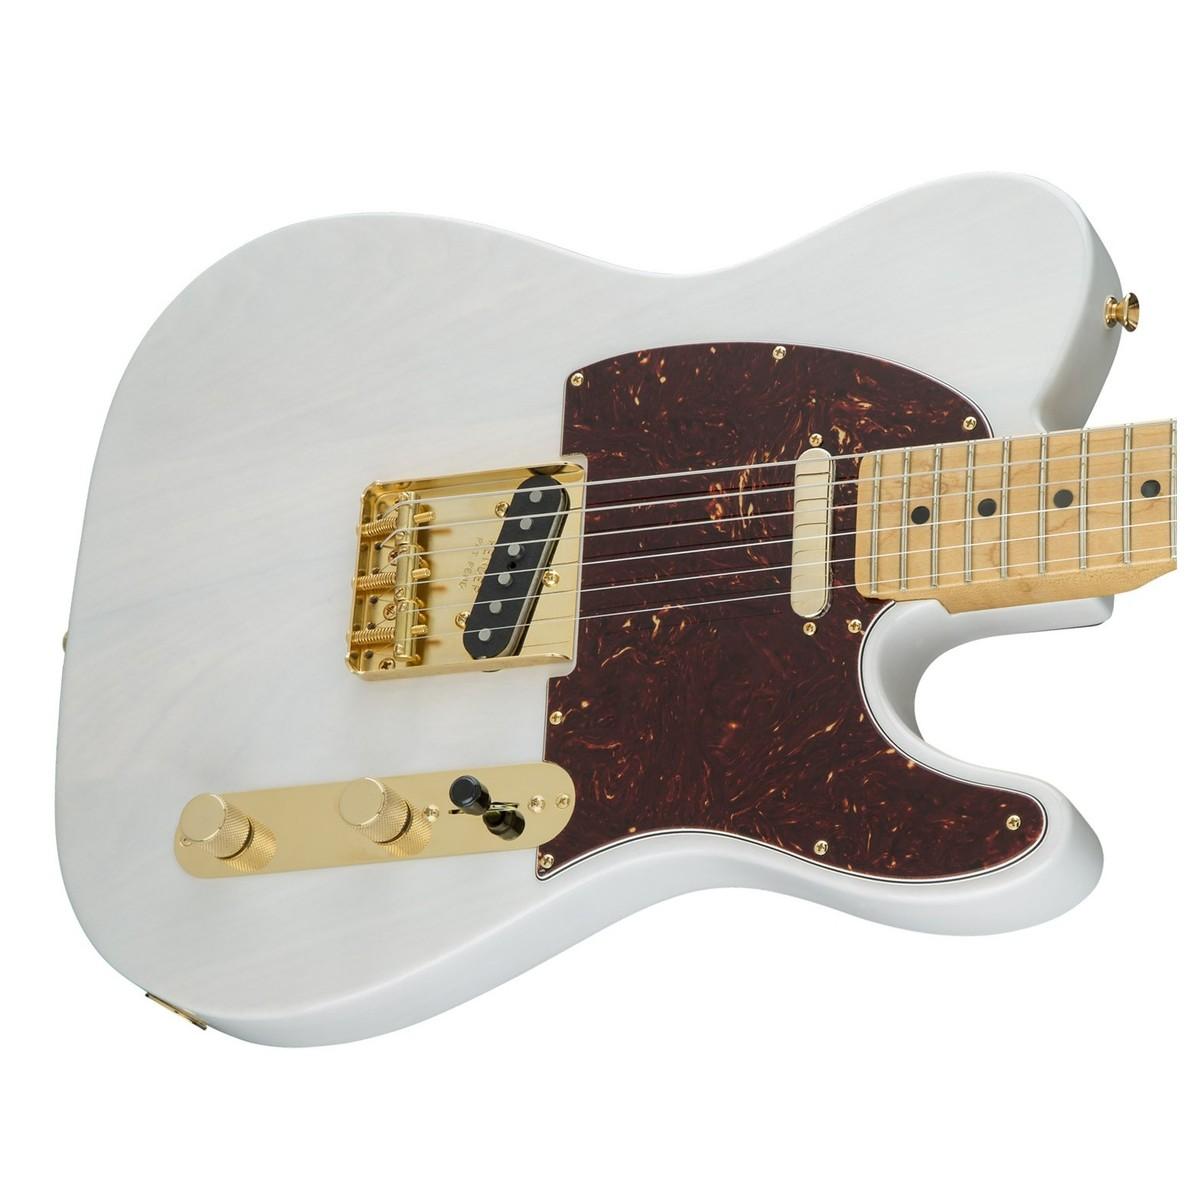 fender fsr limited edition select light ash telecaster white blonde at. Black Bedroom Furniture Sets. Home Design Ideas